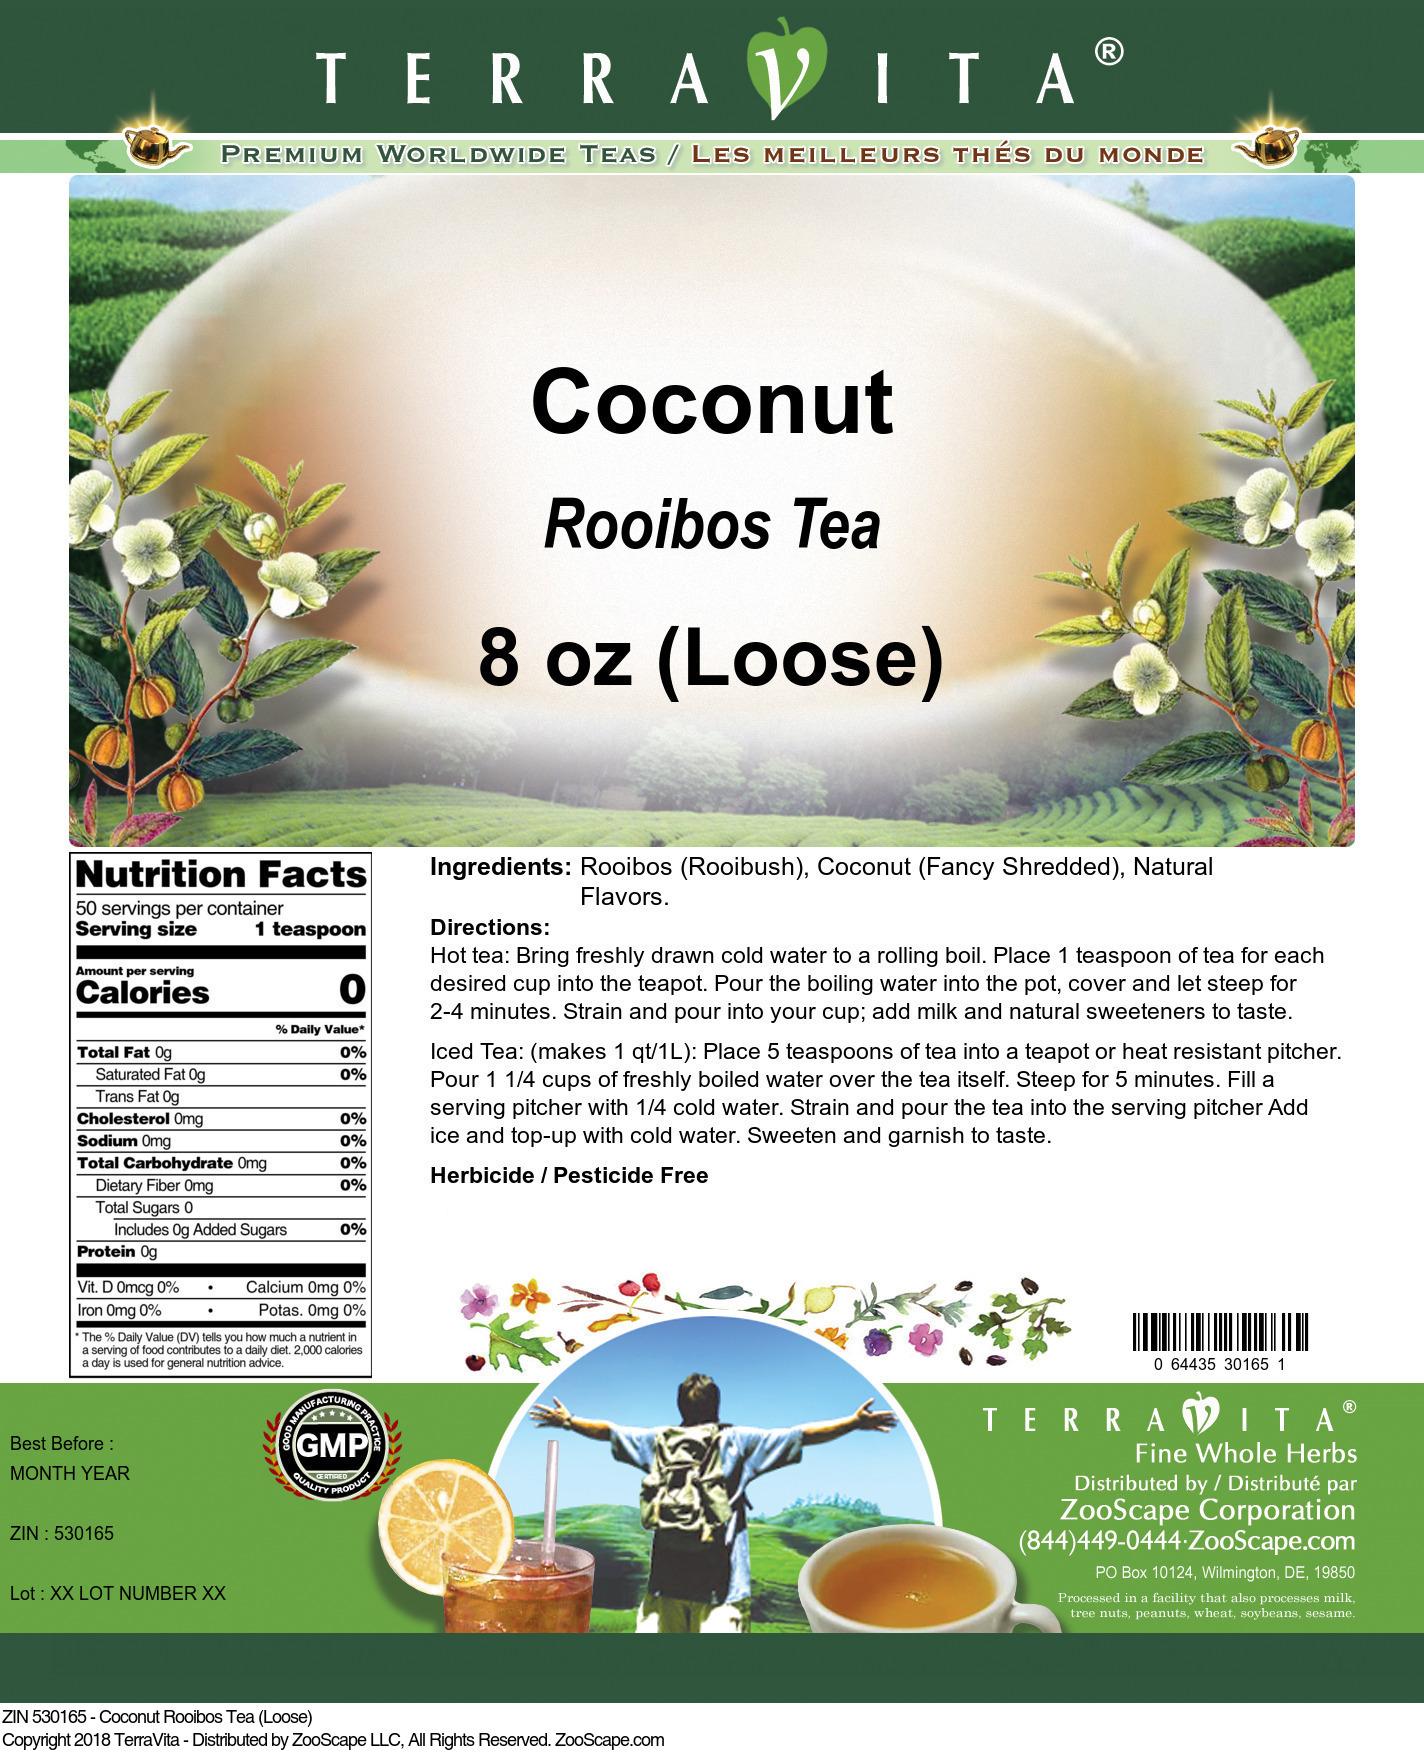 Coconut Rooibos Tea (Loose)